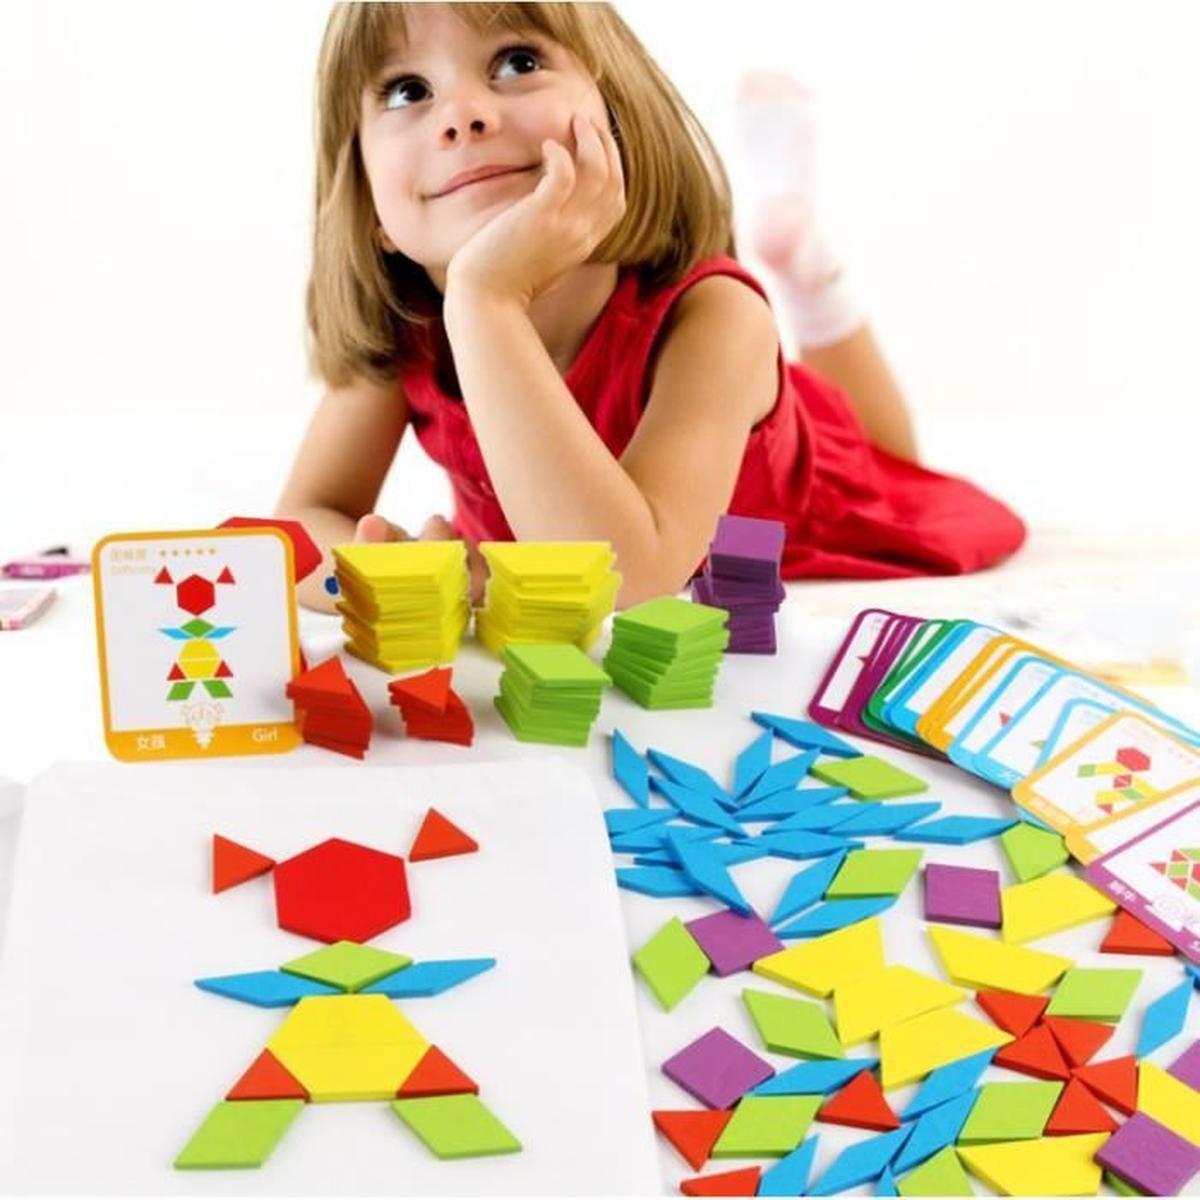 Tangrams Enfant Blocs En Bois Puzzles 155 Pcs Puzzles En pour Tangram Enfant